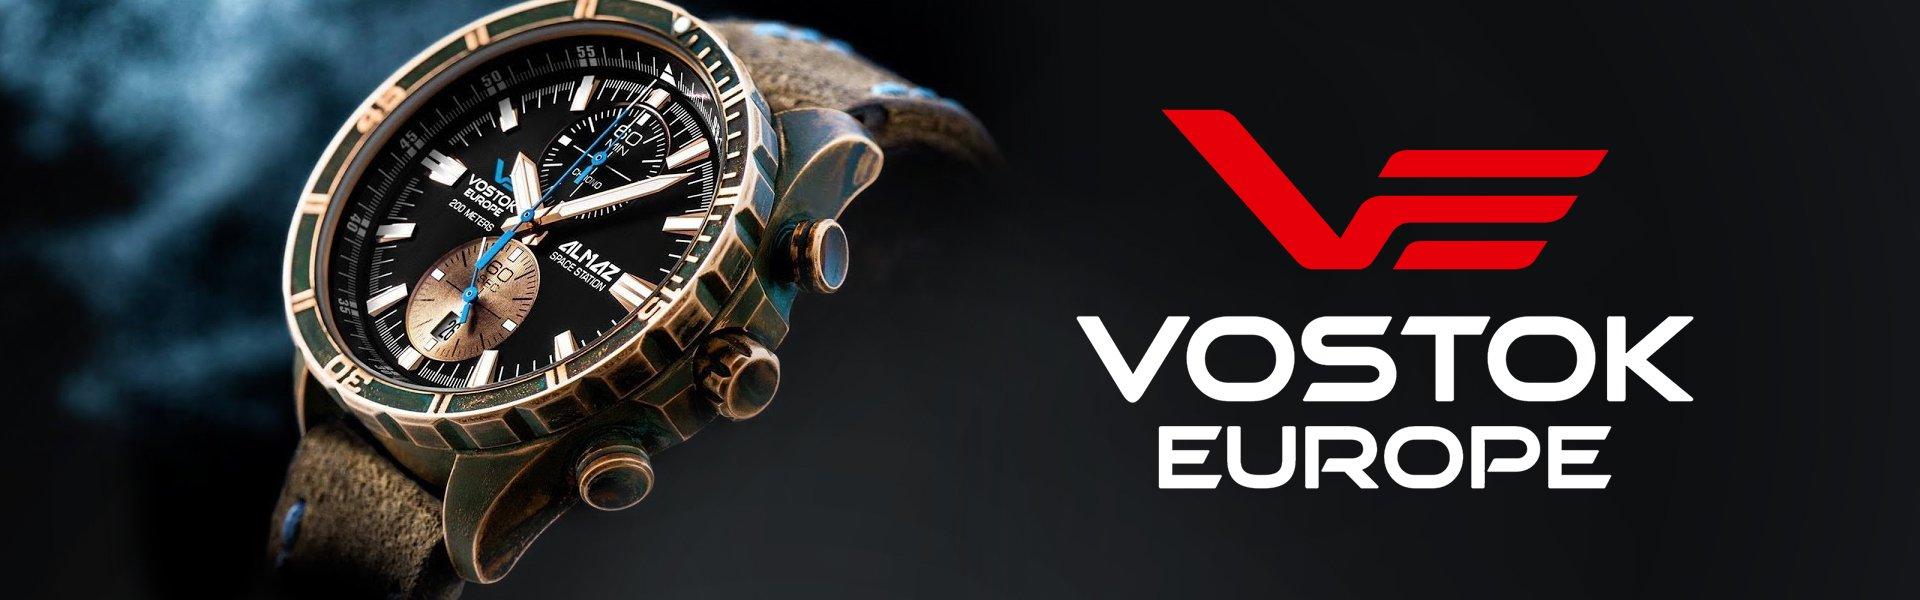 Laikrodis vyrams Vostok Europe Lunokhod-2 Grand 6S21-620E529                             Vostok Europe